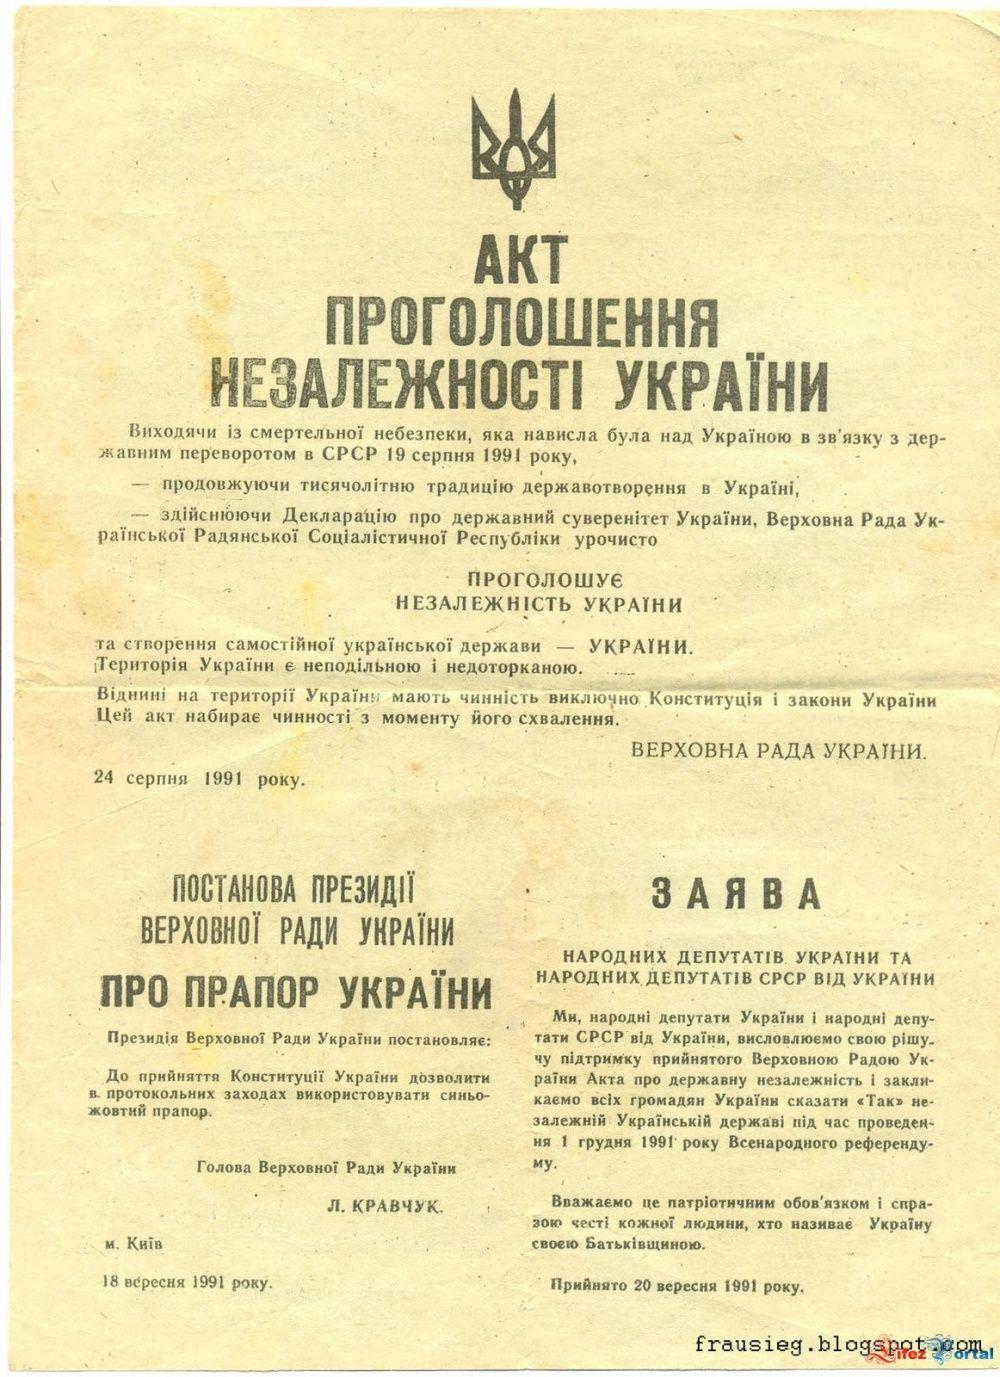 Акт проголошення незалежності України